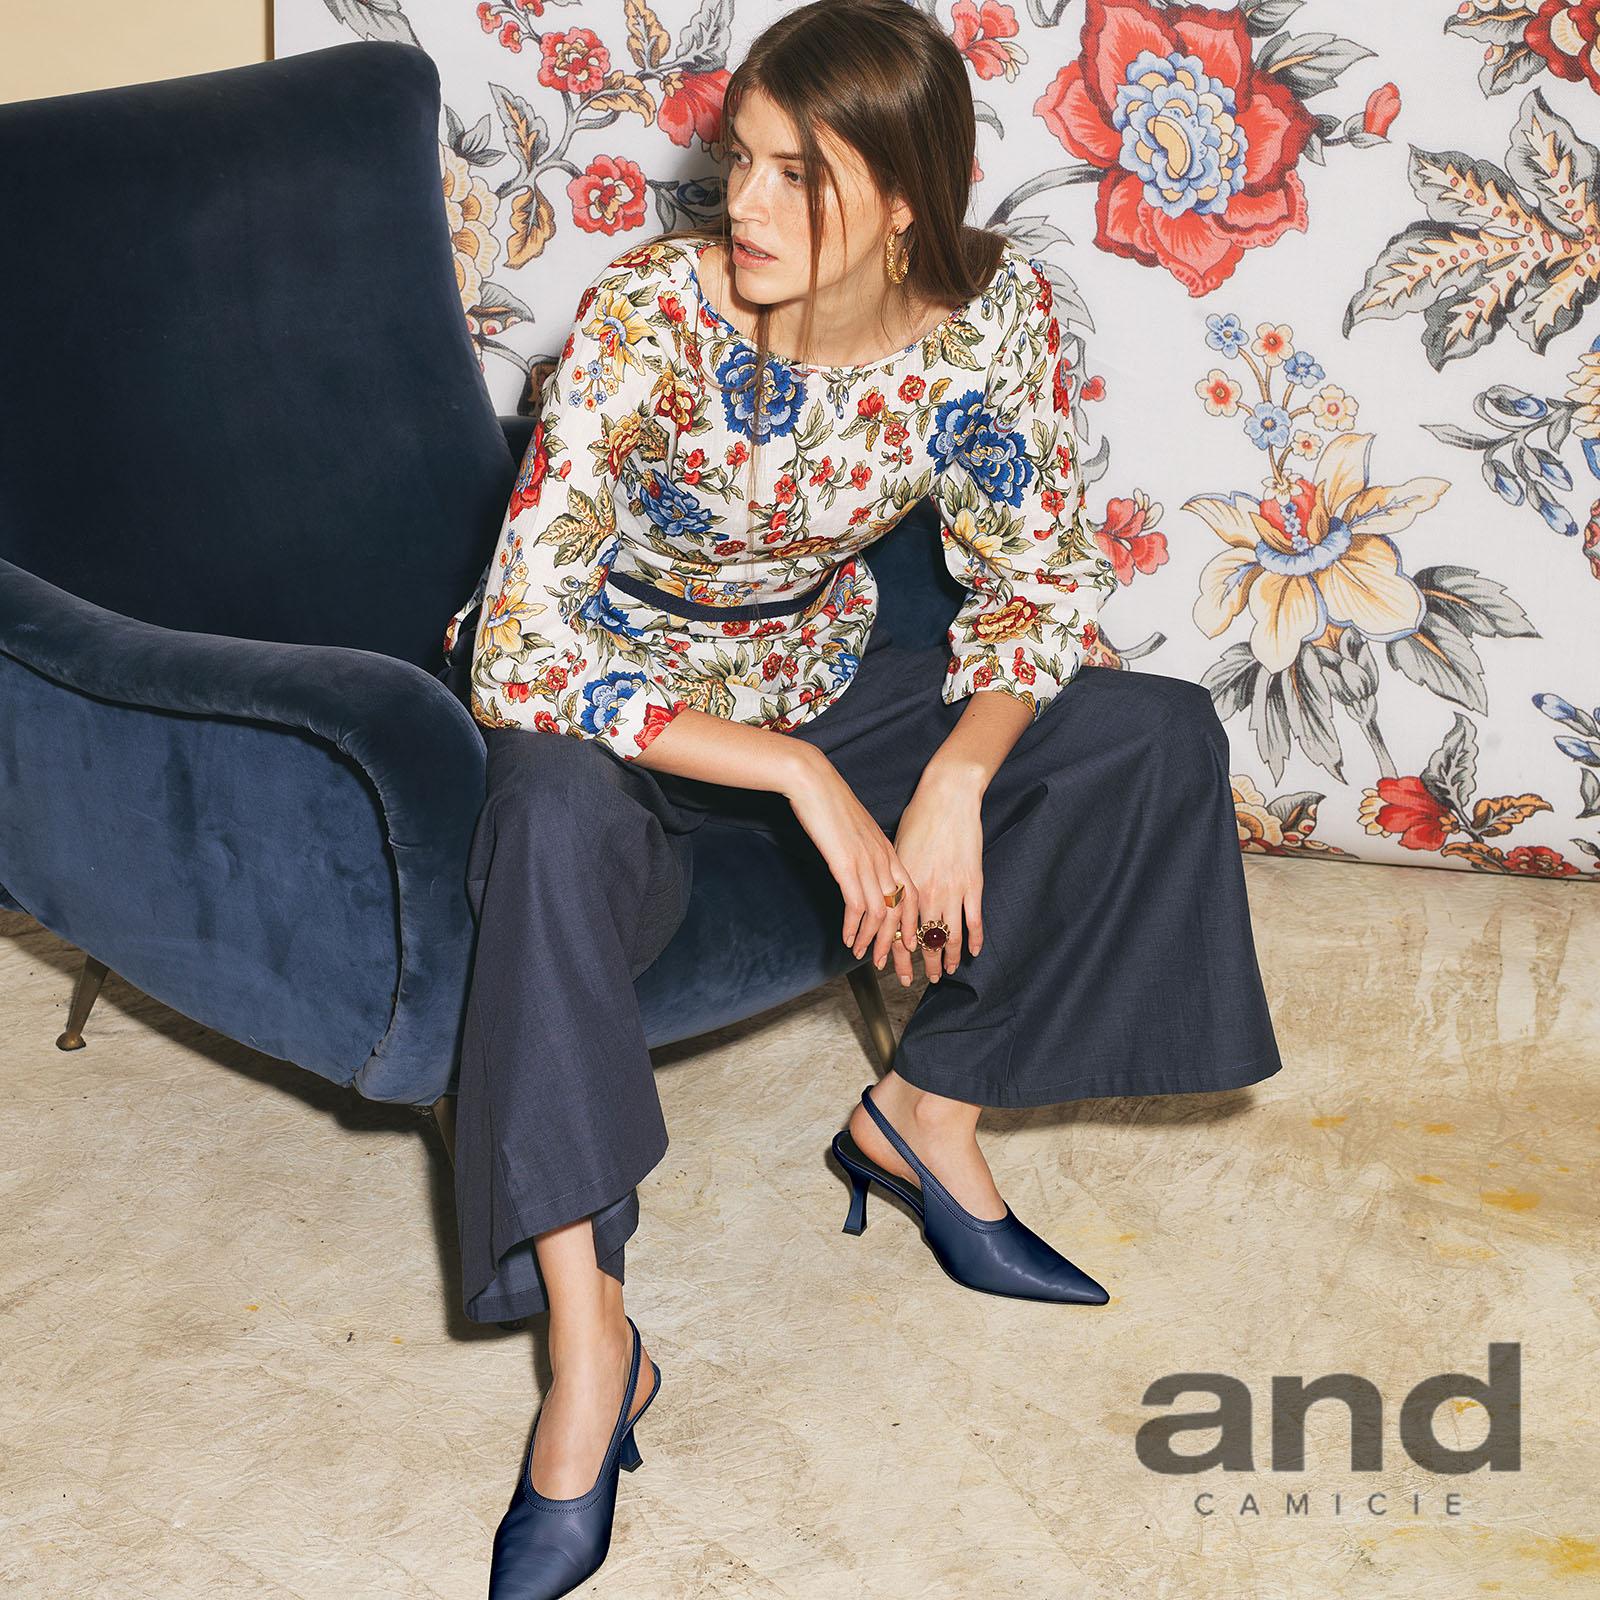 Catalogo AND Camicie - MC Studios - Fashion E-commerce